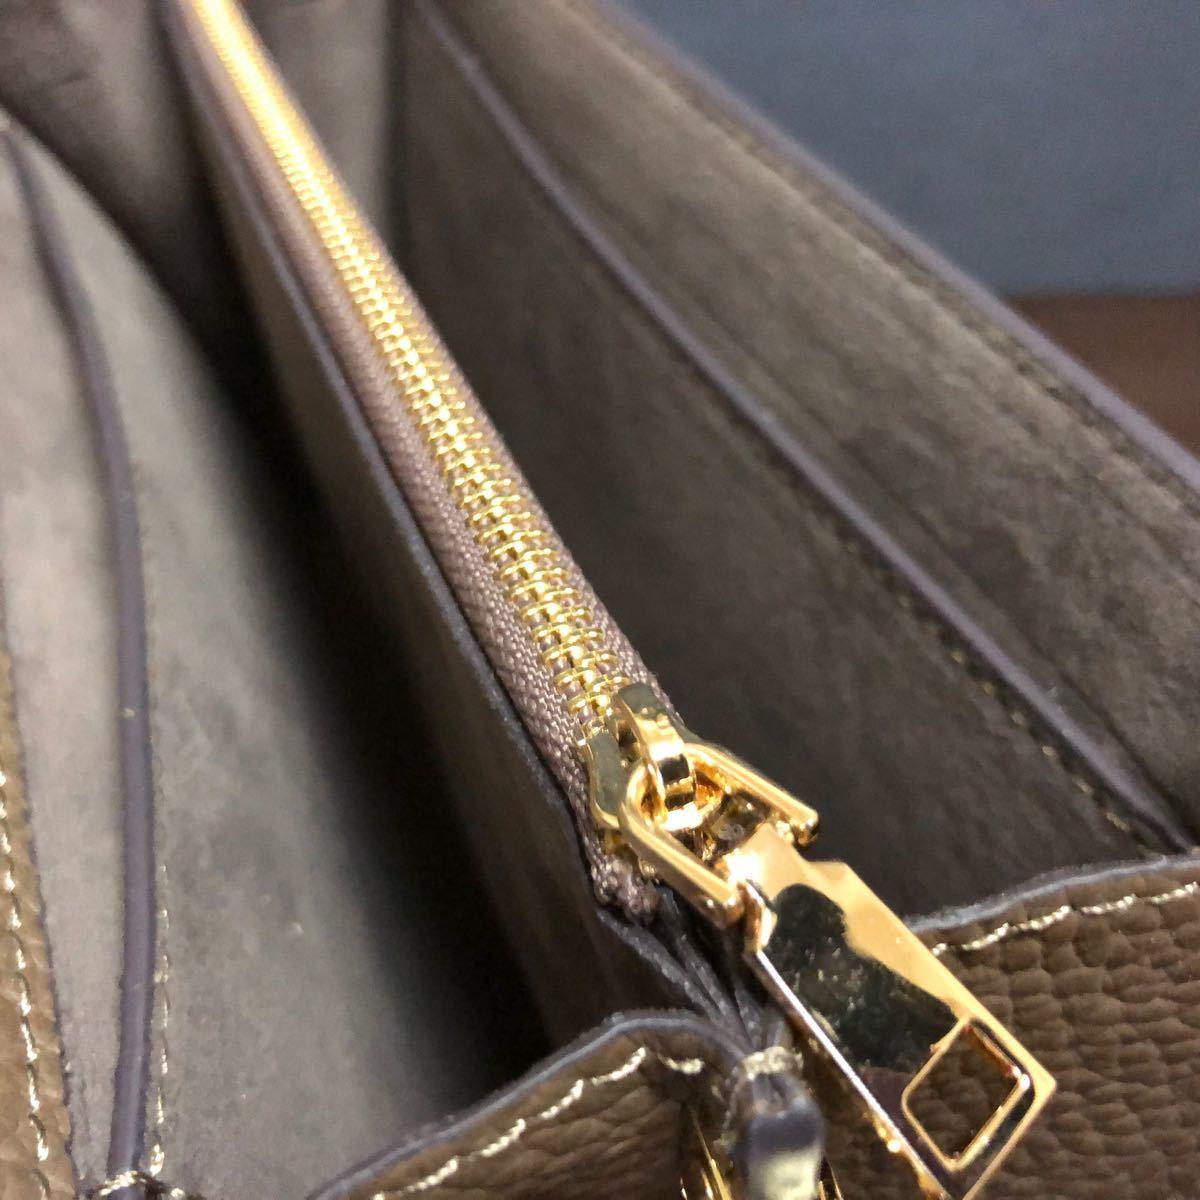 最高級 本革 トゴレザー 長財布 バッグ クラッチバッグ ハンドバッグ 3way